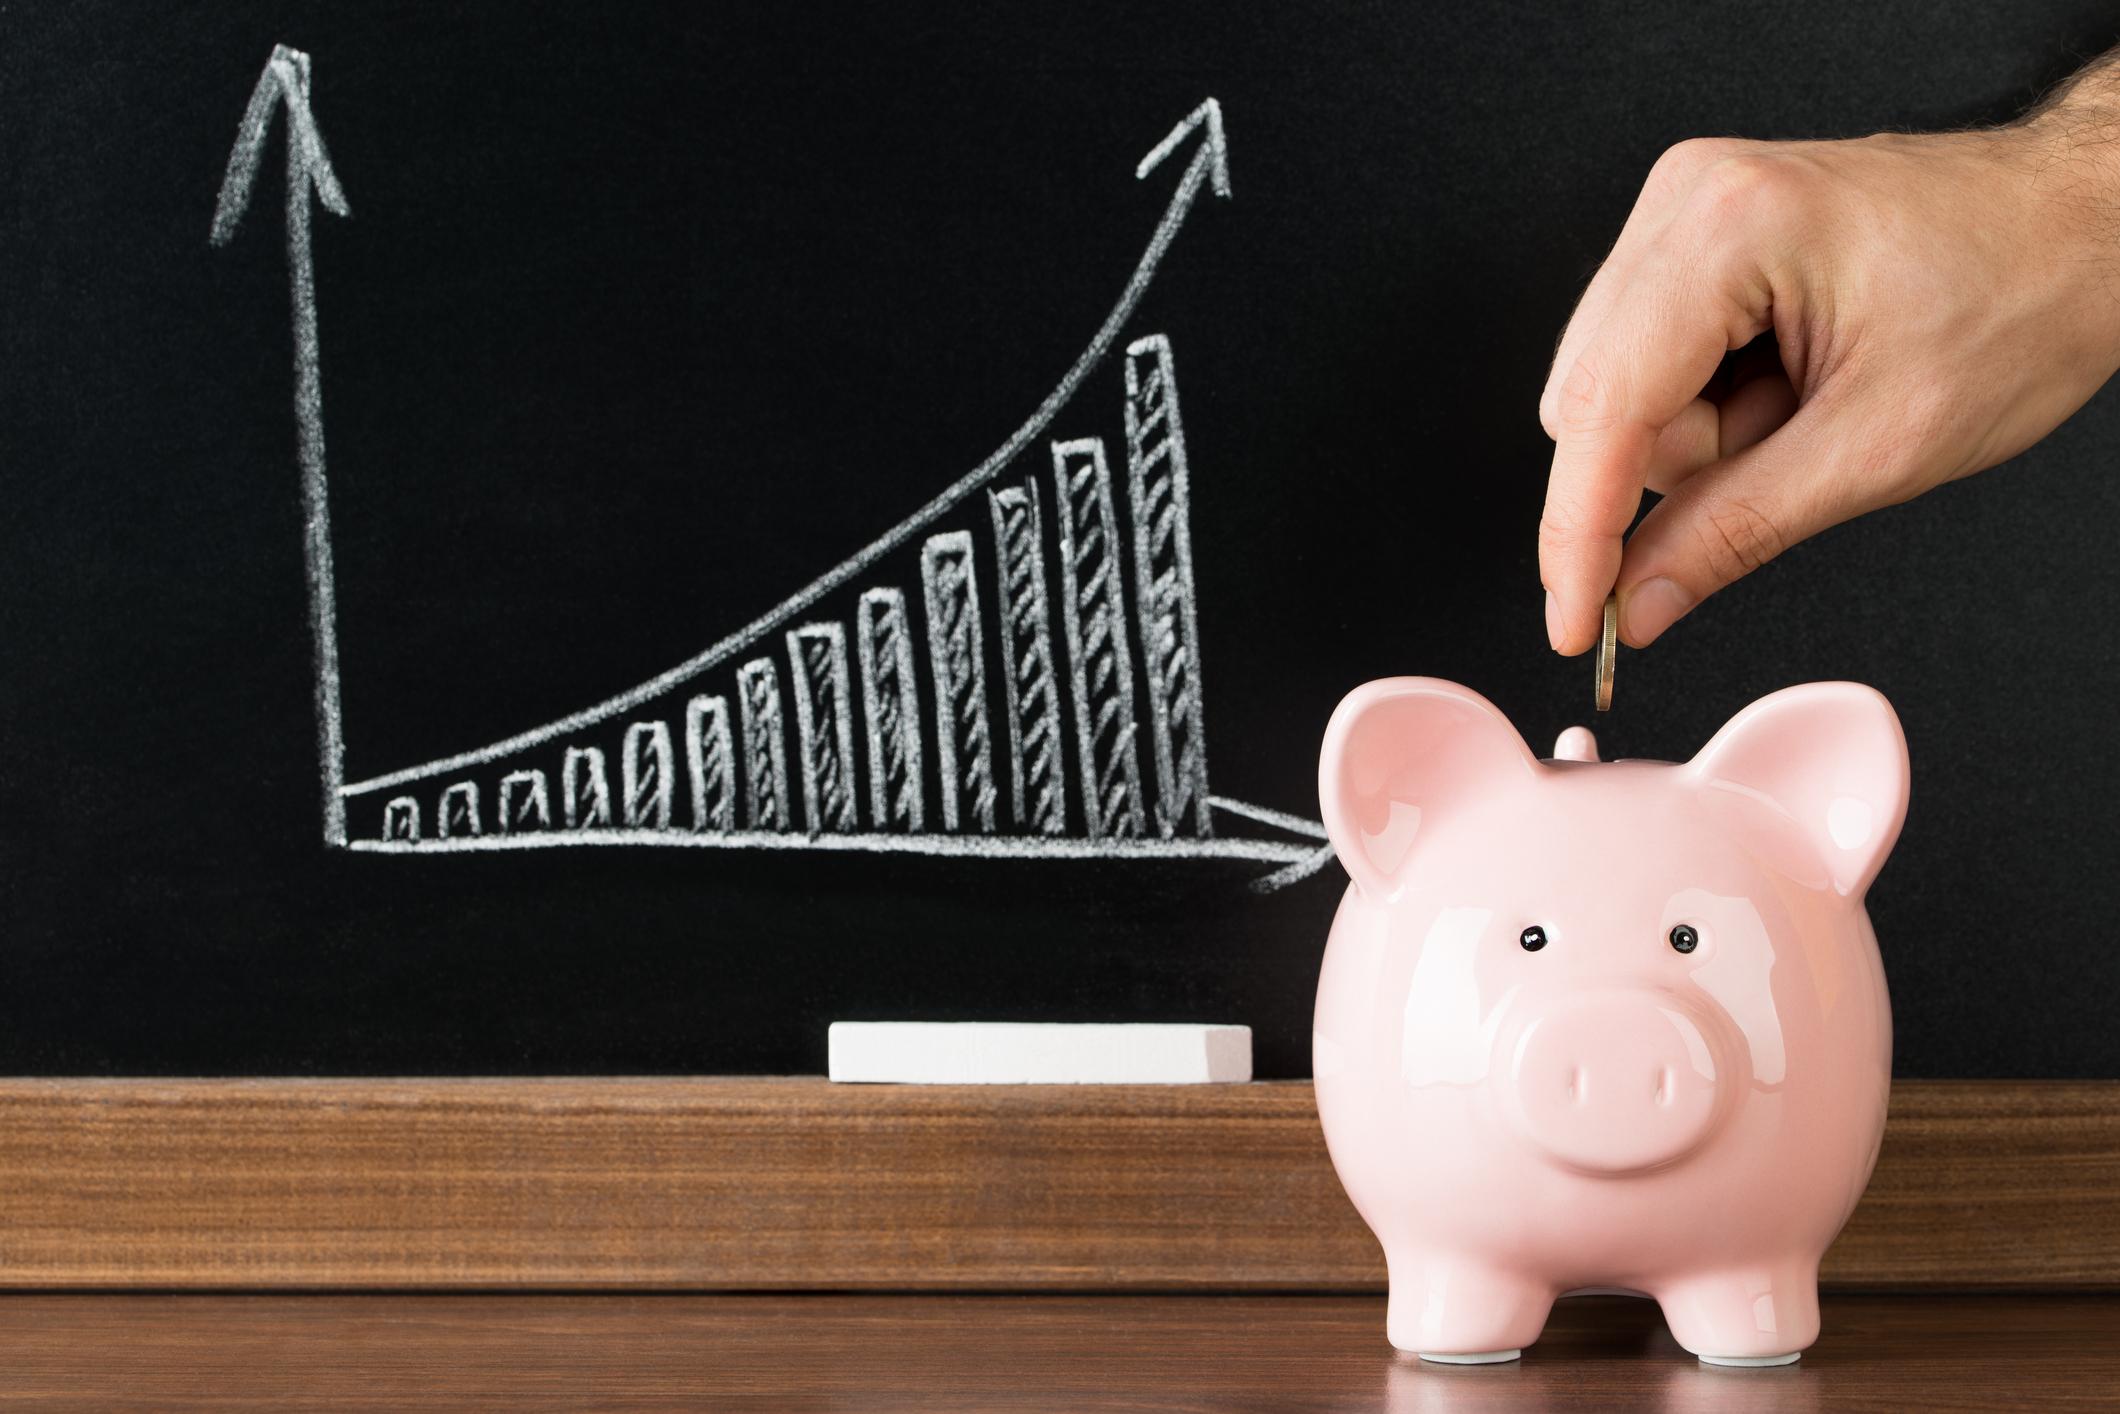 A piggy bank and a financial chart.